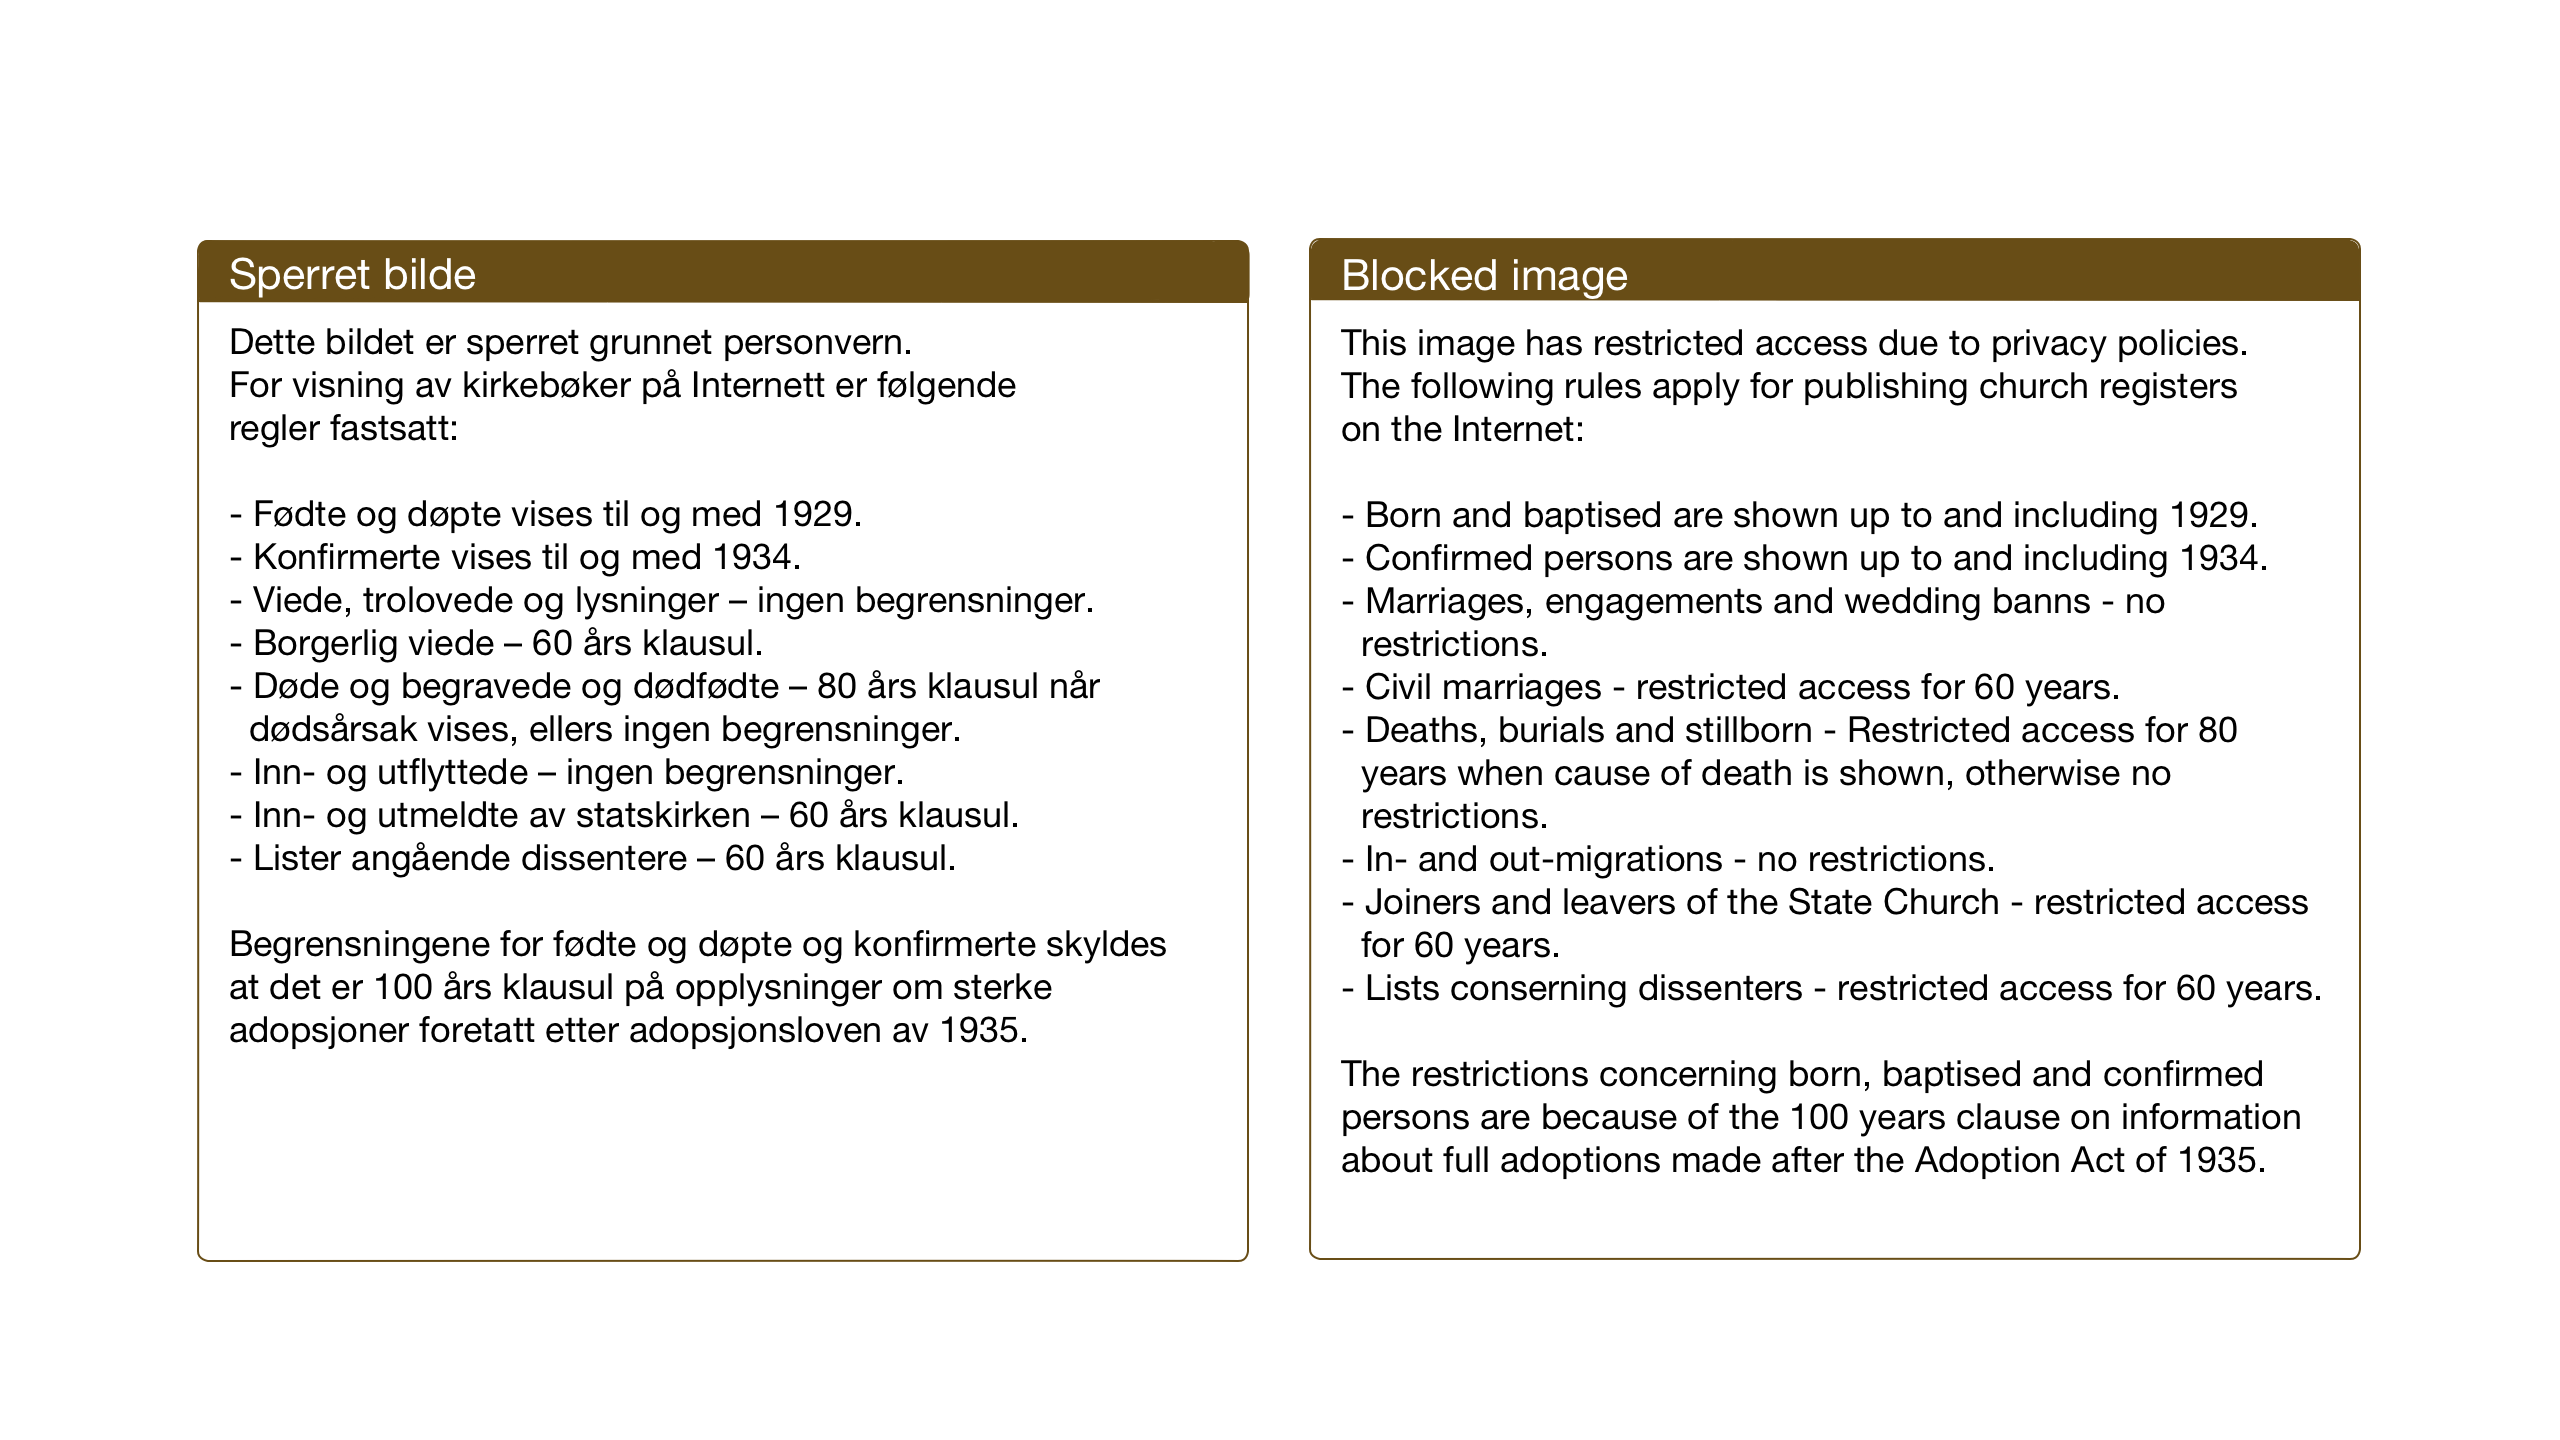 SAT, Ministerialprotokoller, klokkerbøker og fødselsregistre - Nord-Trøndelag, 732/L0319: Klokkerbok nr. 732C03, 1911-1945, s. 81